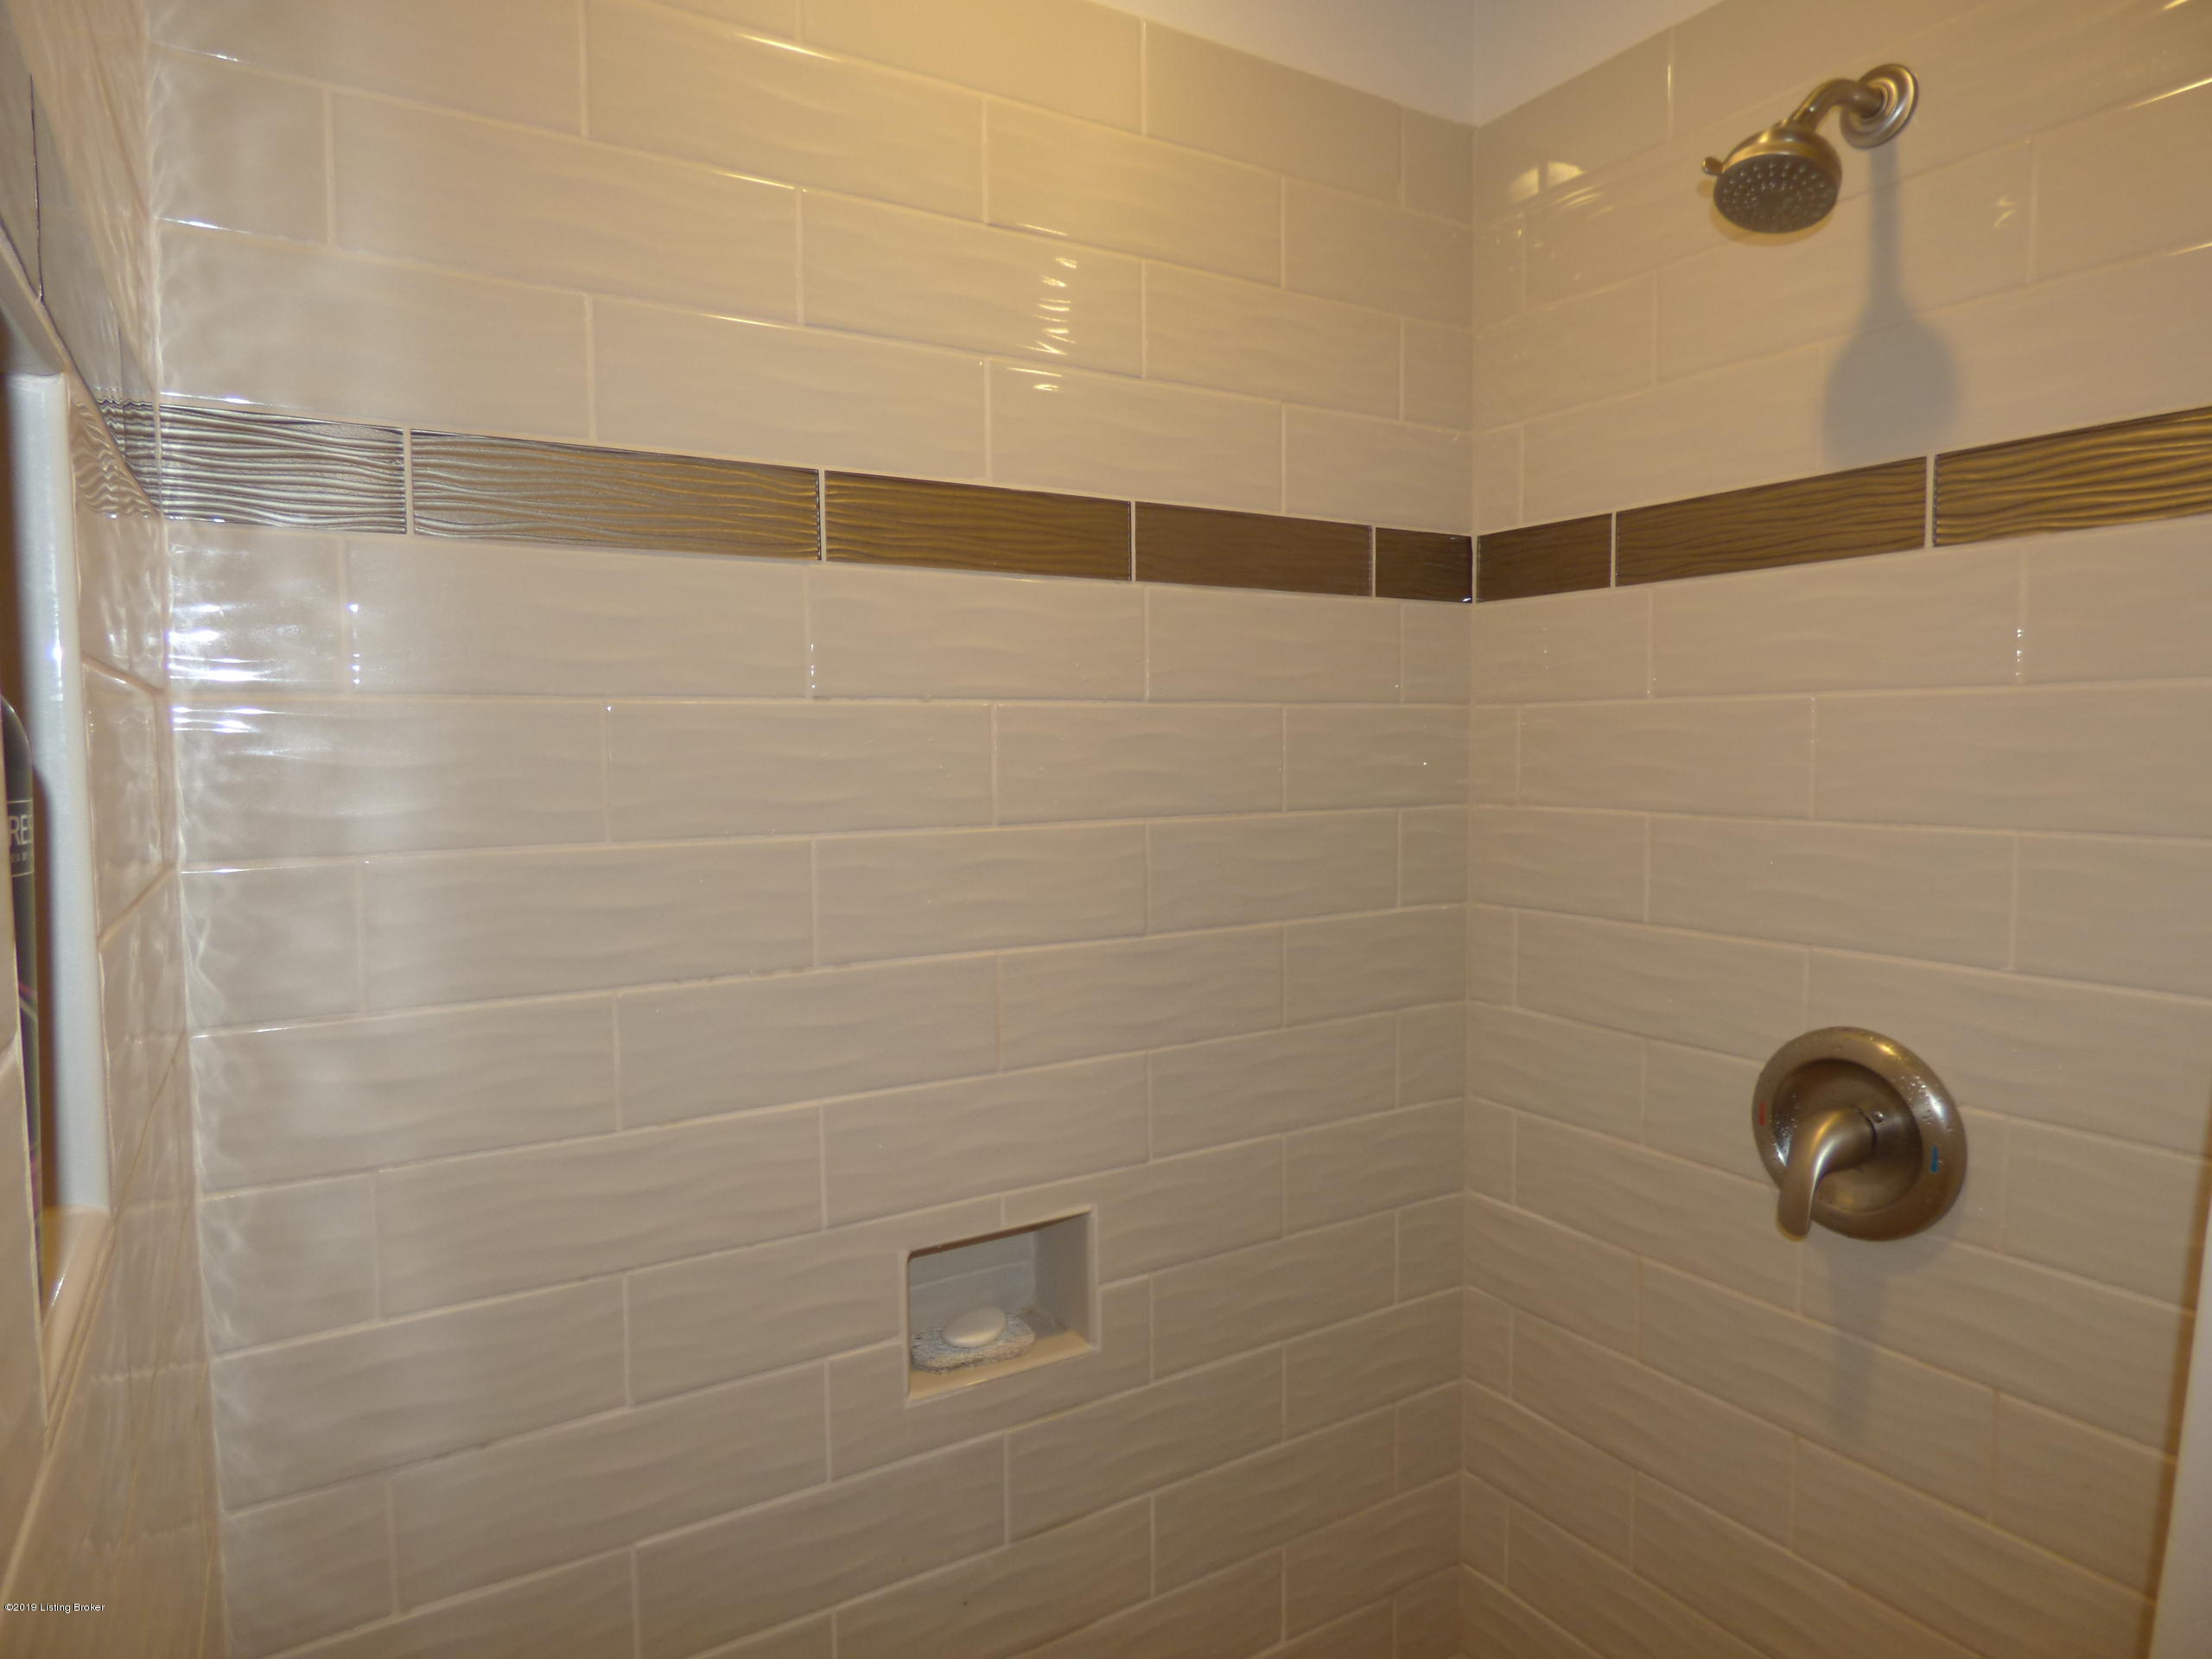 364 Parkland Trace, Mt Washington, Kentucky 40047, 3 Bedrooms Bedrooms, 8 Rooms Rooms,3 BathroomsBathrooms,Residential,For Sale,Parkland,1524120